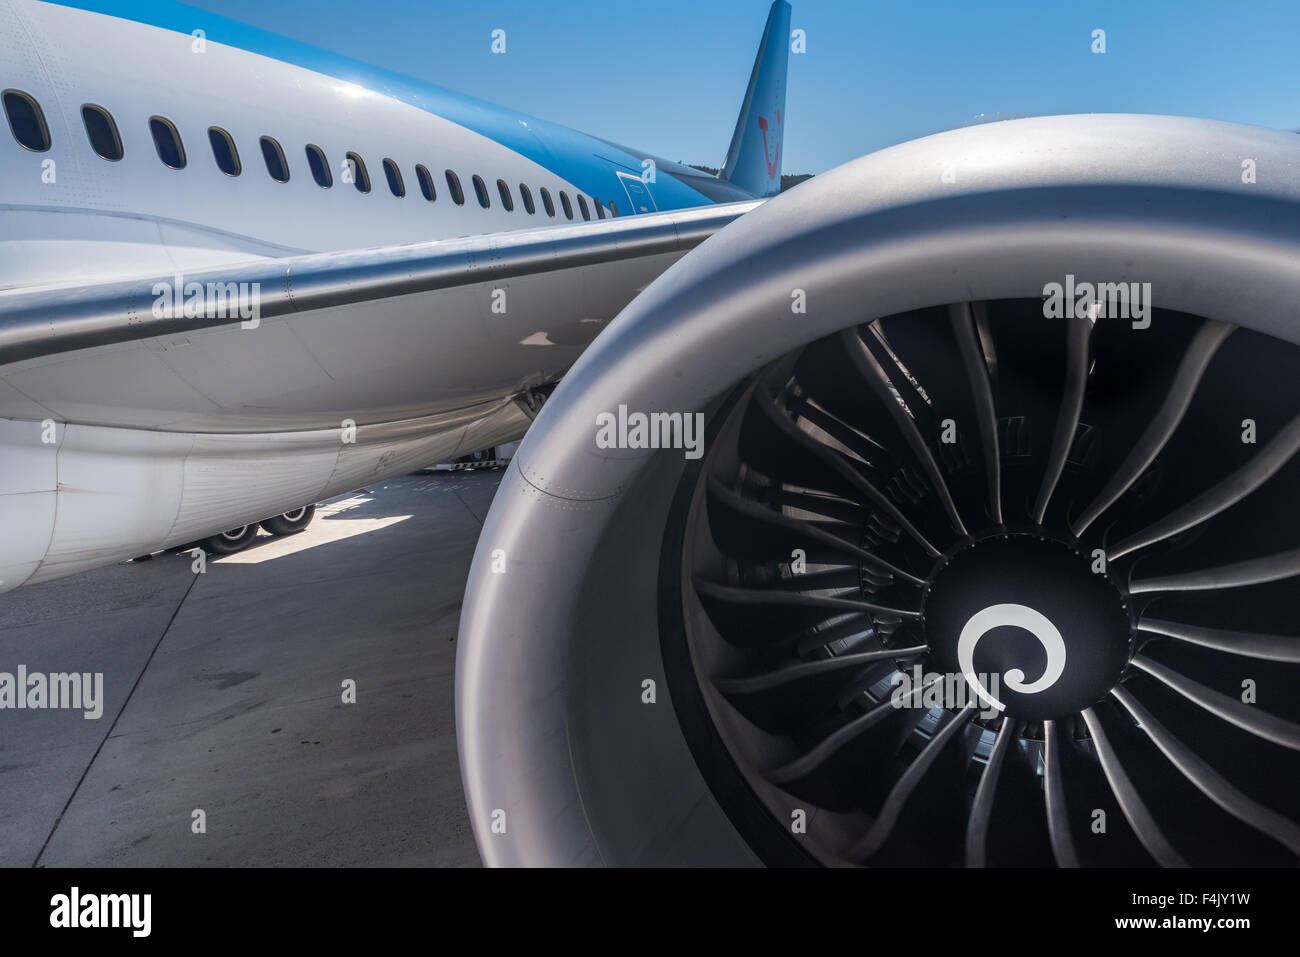 Boeing 787 Dreamliner - Stock Image